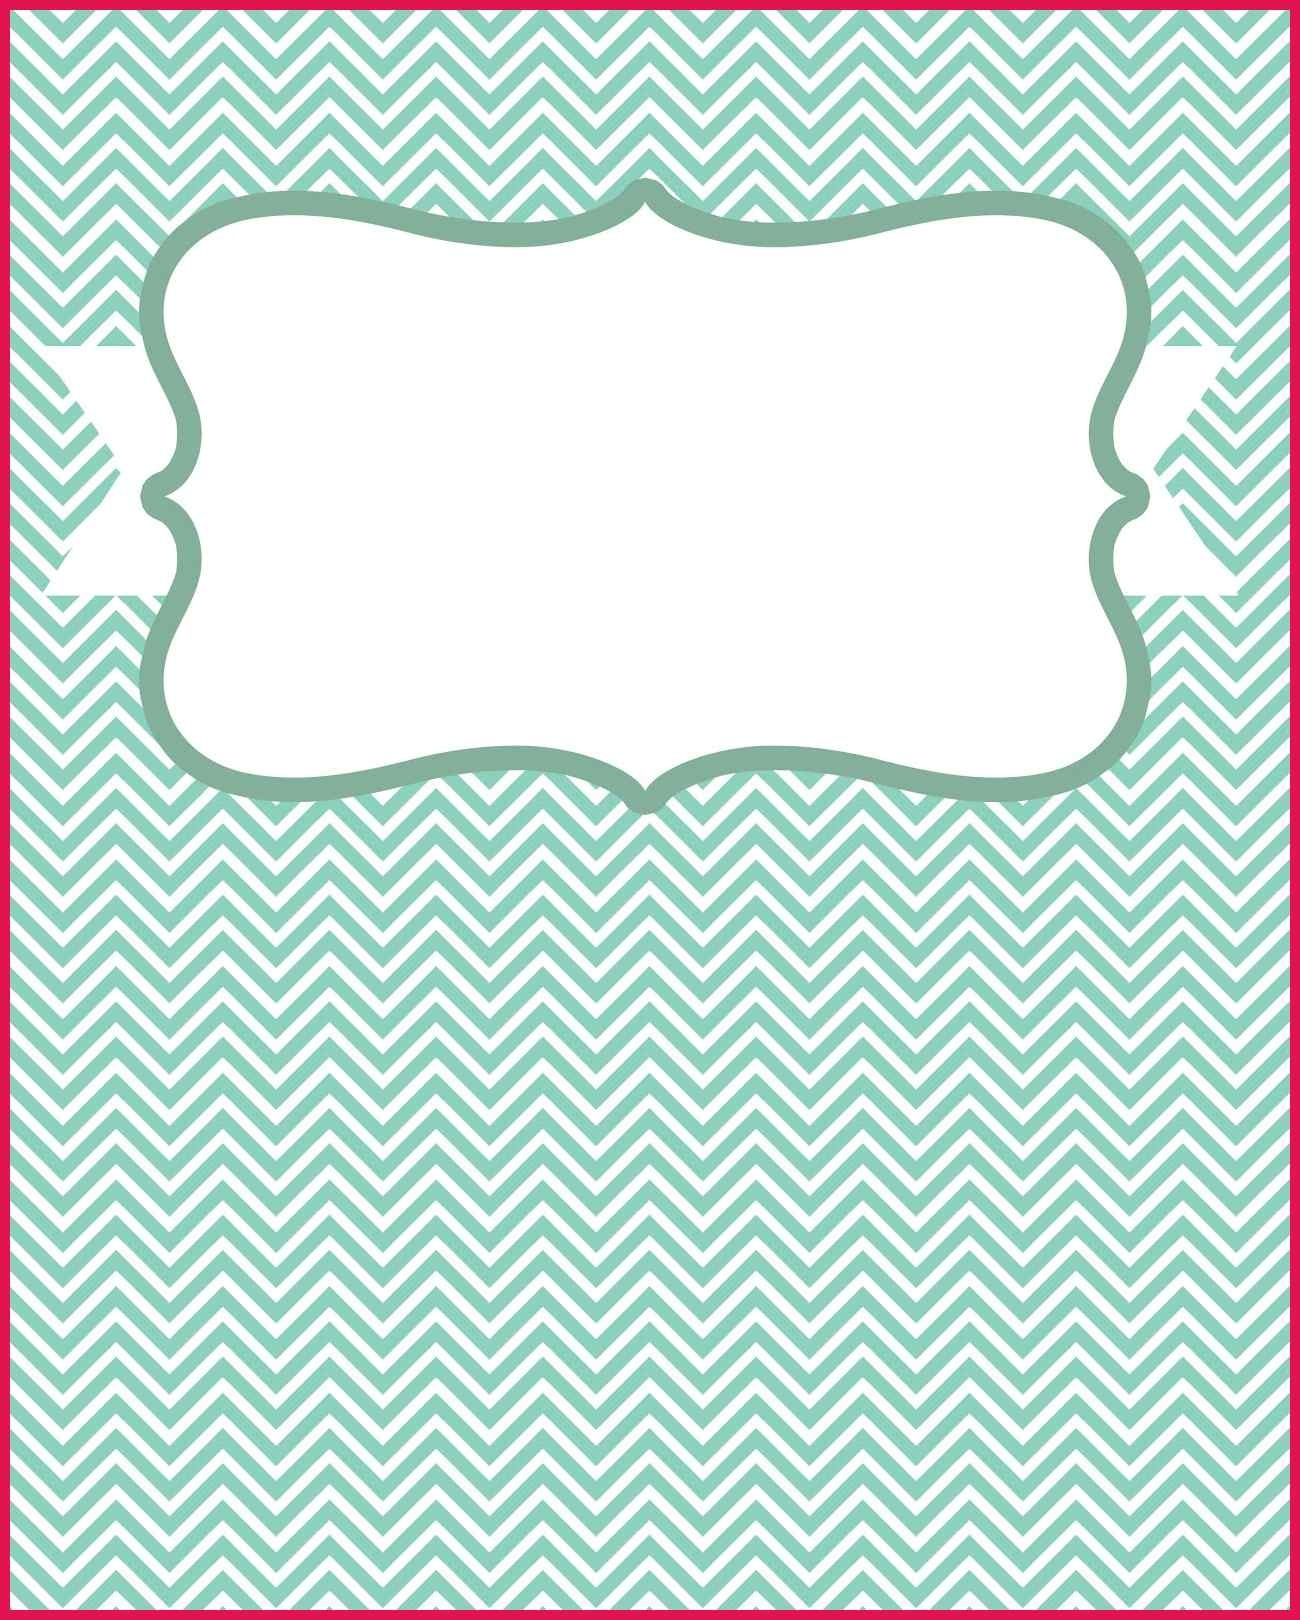 Free Printable Binder Covers   Sop Examples - Free Printable Binder Covers